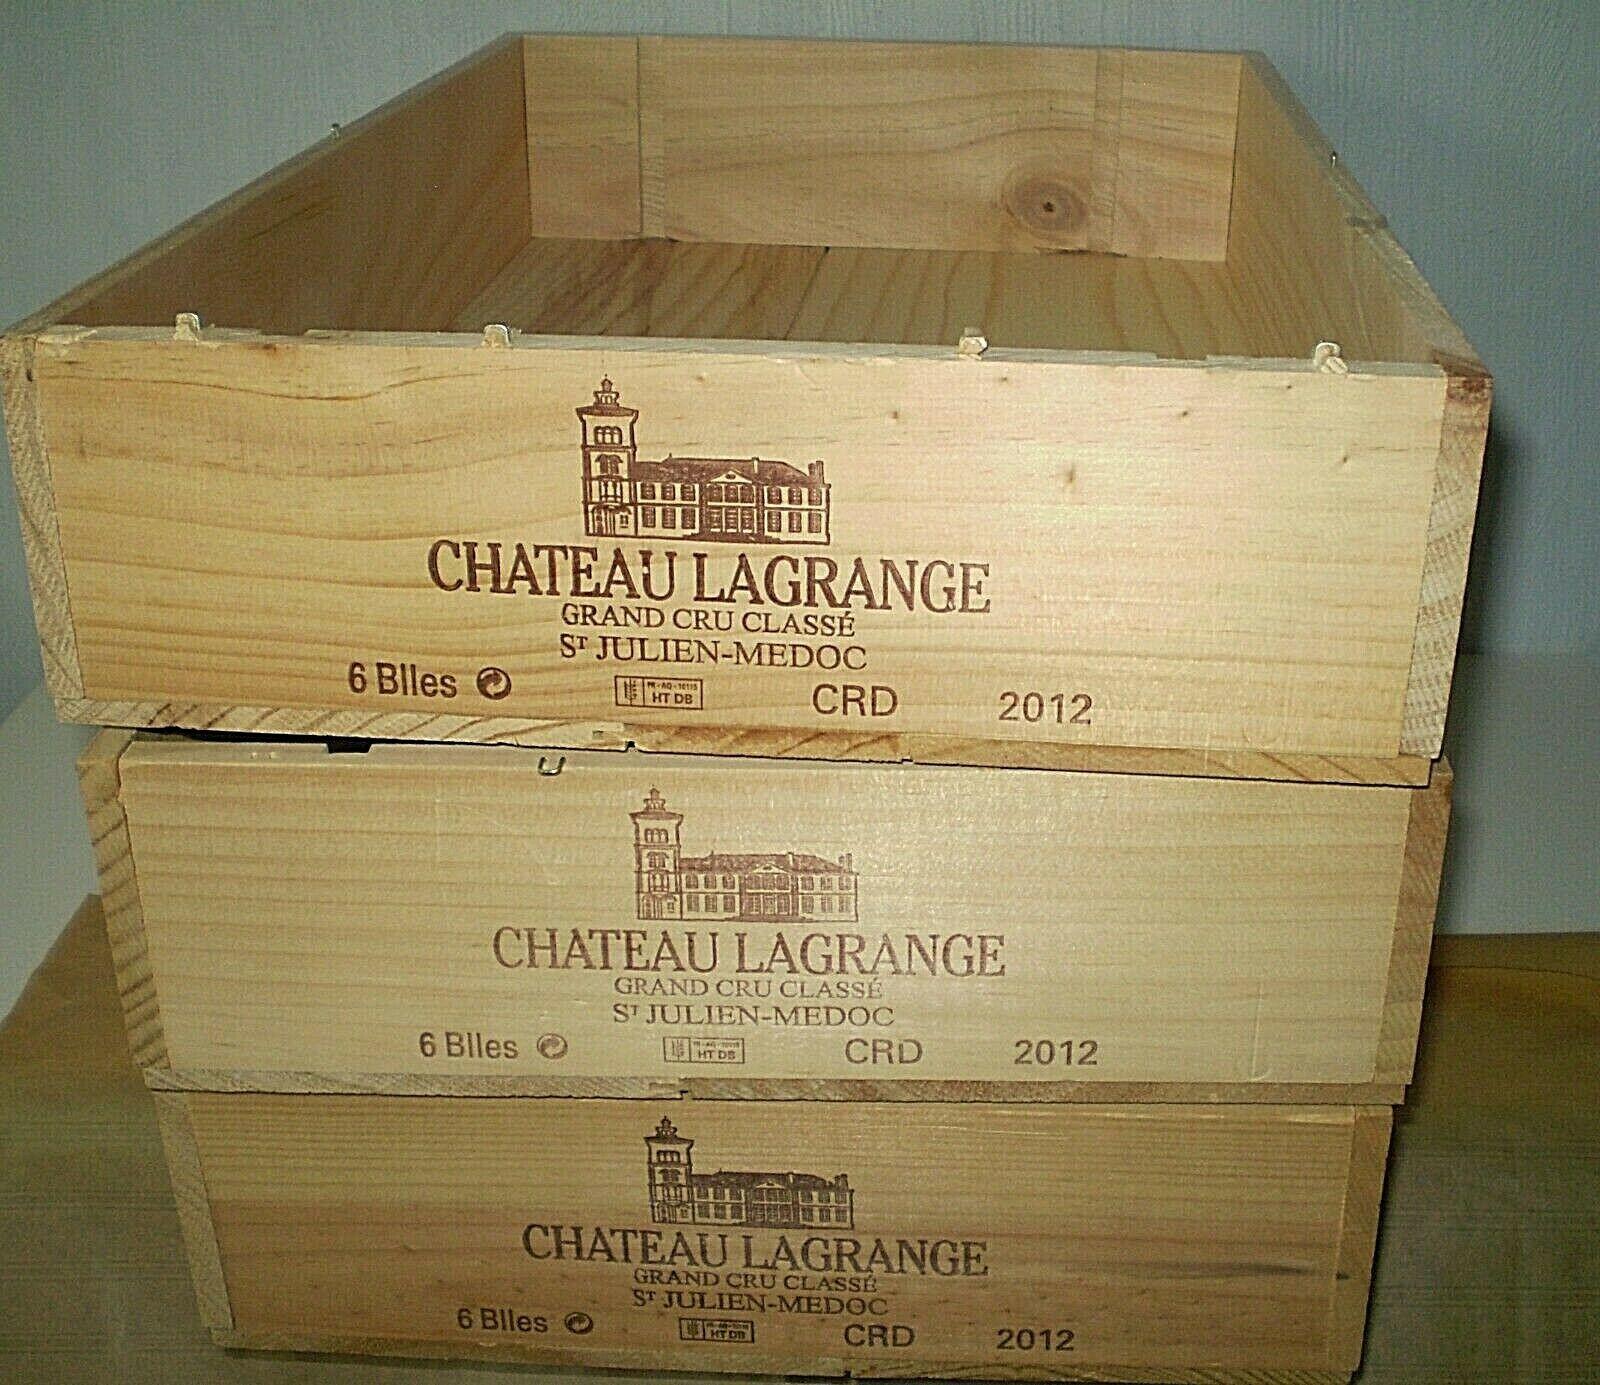 3 caisses a vin 6 bouteilles chÂteau lagrange grand cru classe st julien medoc